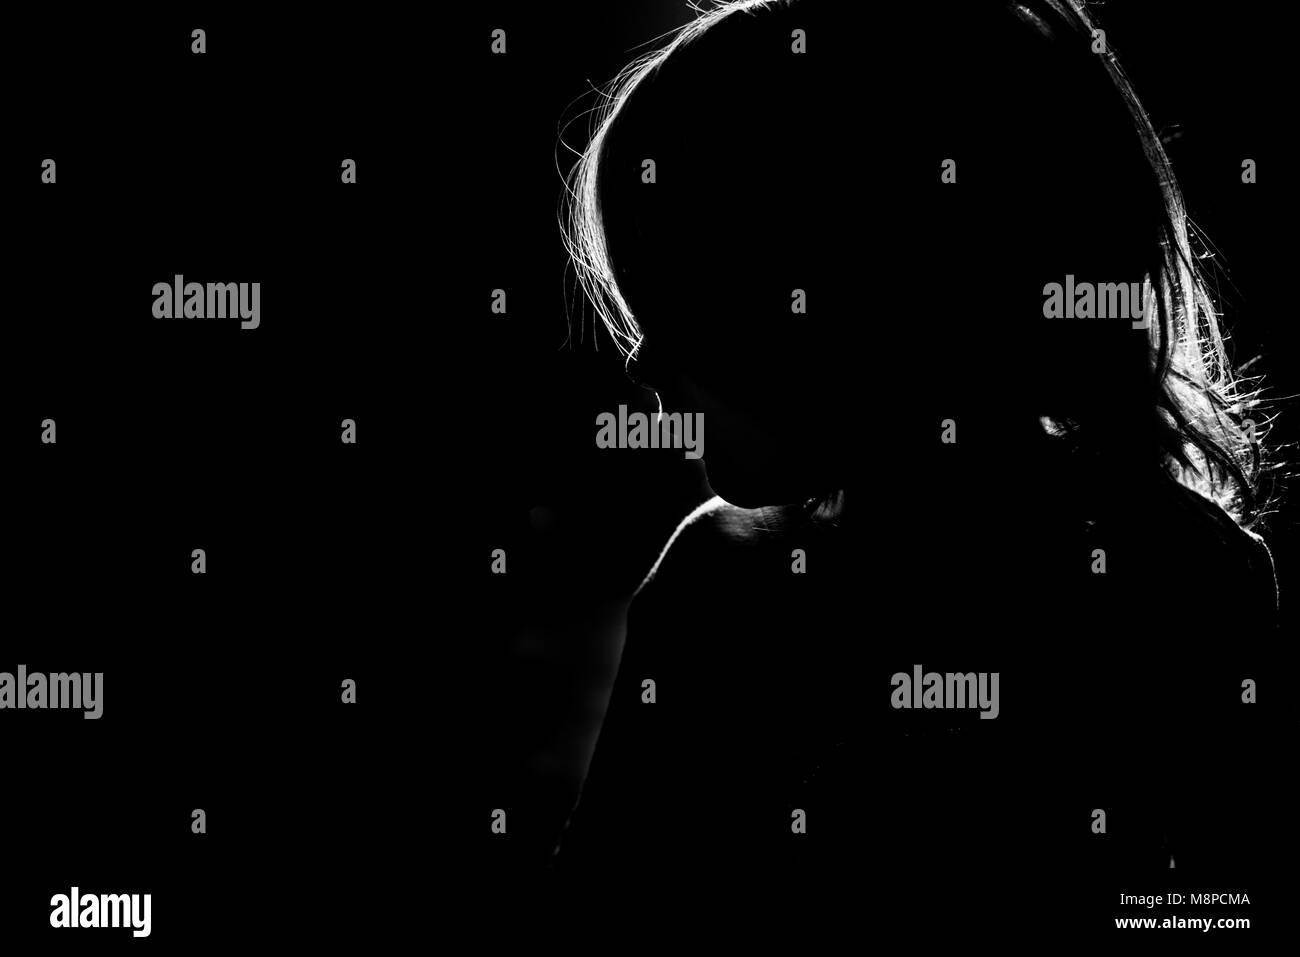 La silhouette di una ragazza giovane con una luce dietro di lei. Immagini Stock